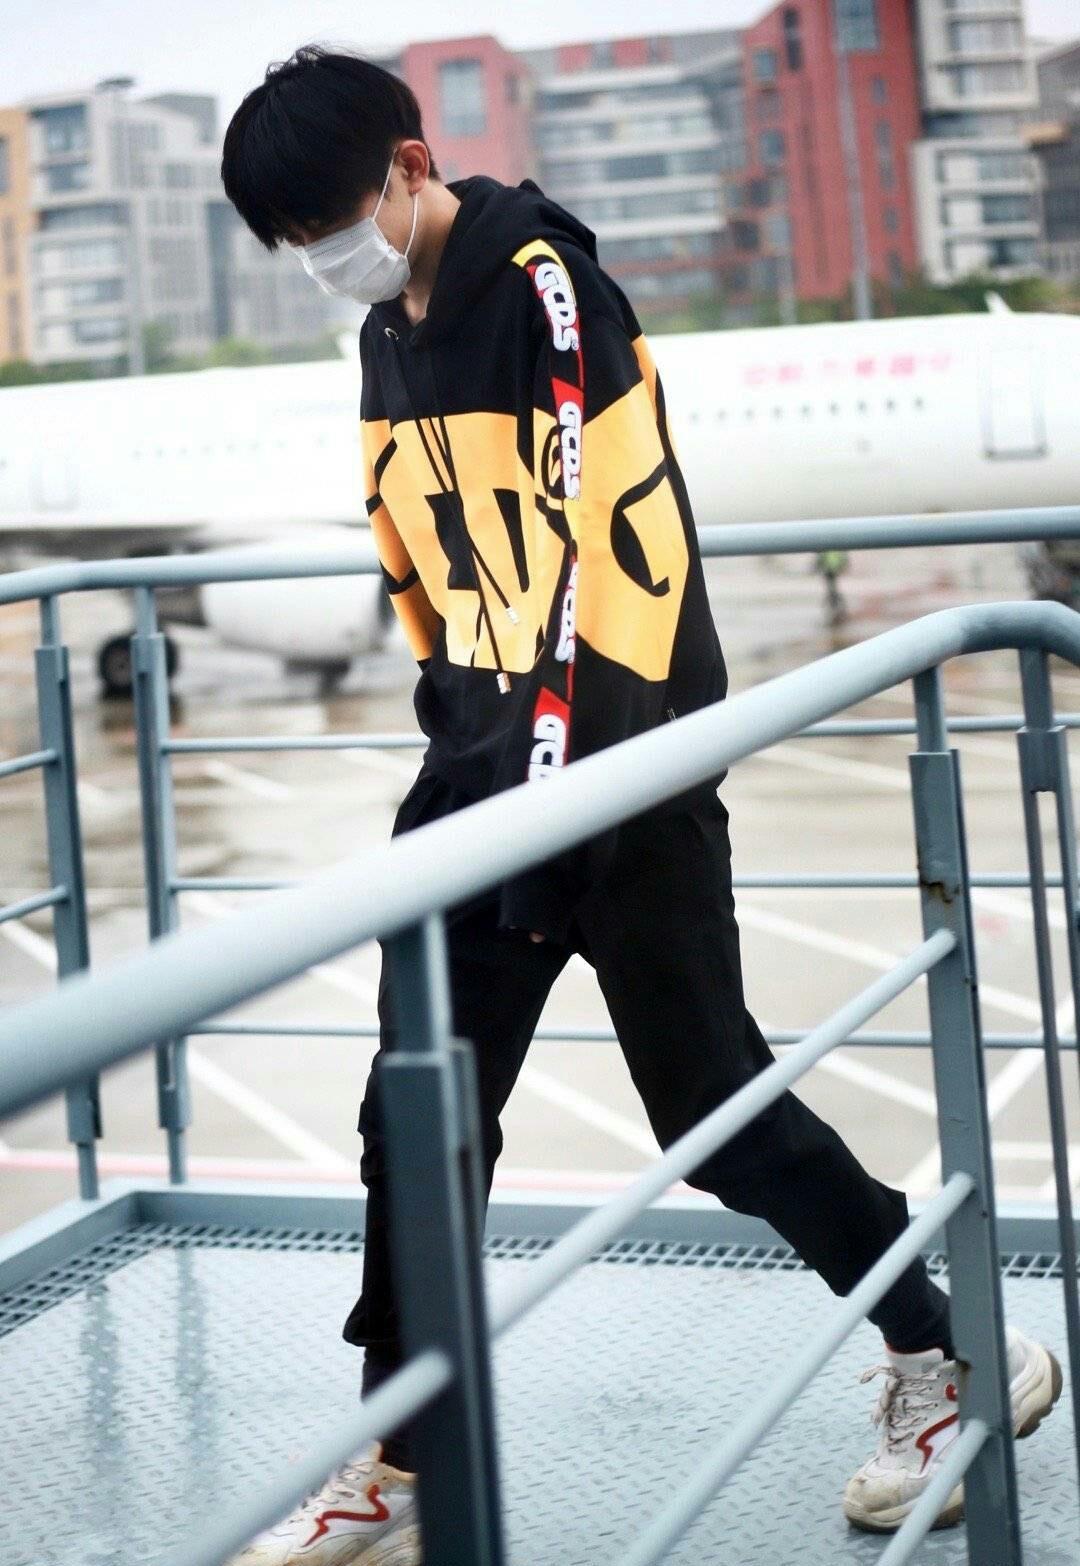 易烊千玺最新机场图来袭,用穿着暗示没有恋爱,粉丝开心又欣慰